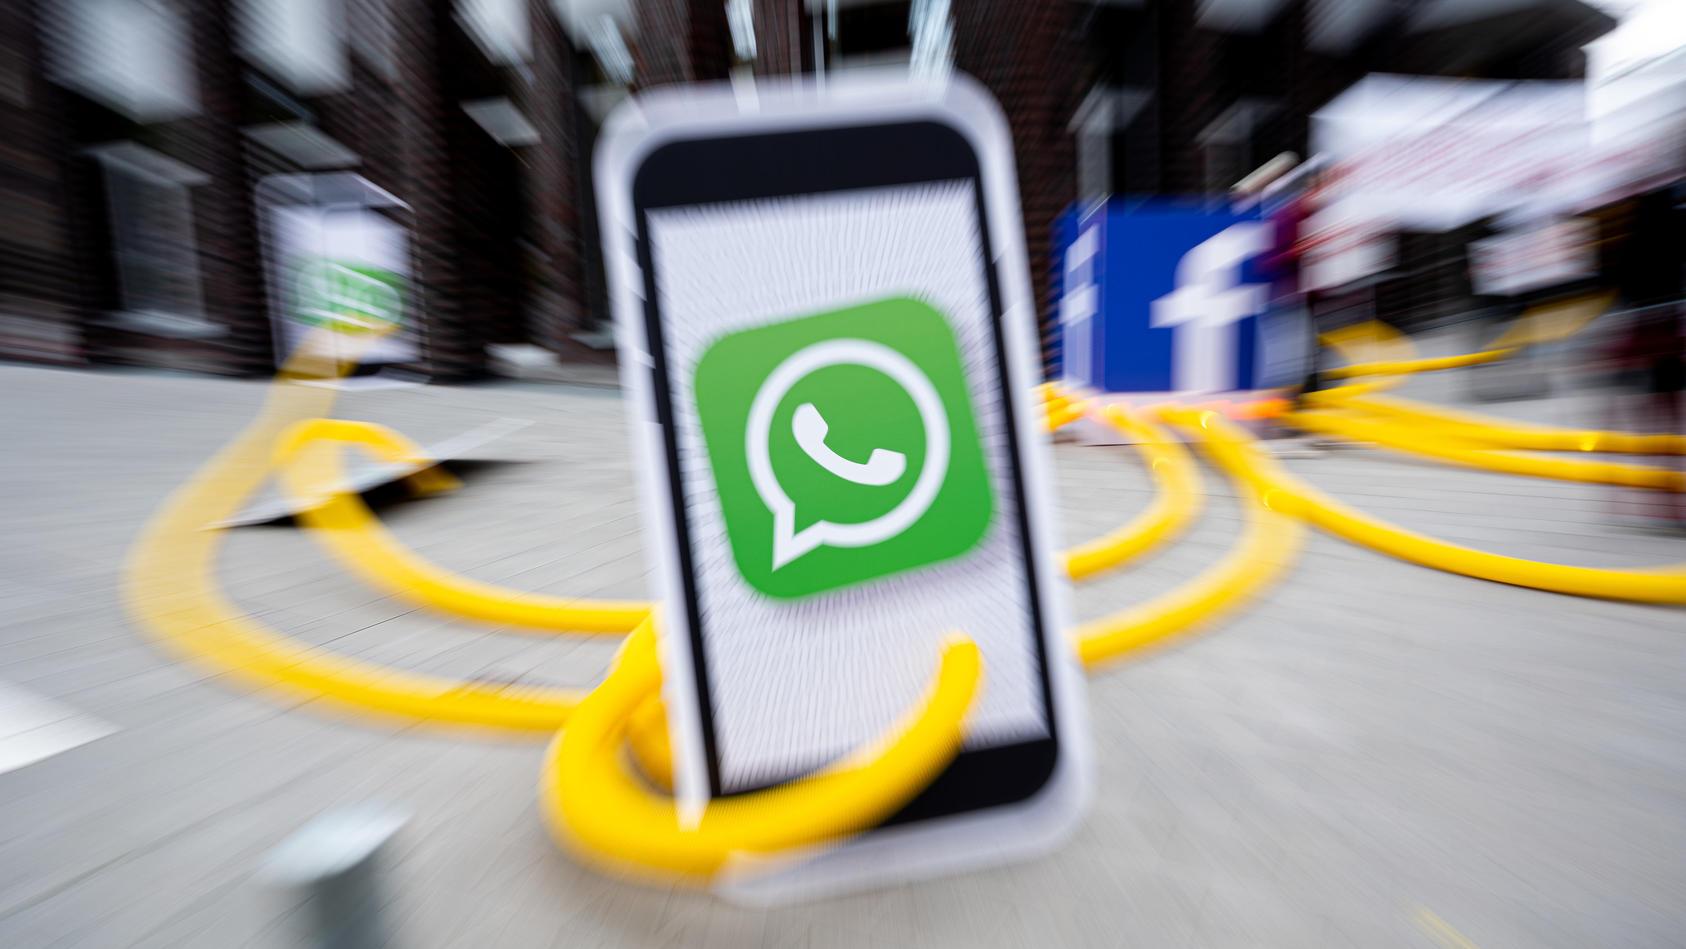 Derzeit ist ein Kettenbrief im Umlauf, der viele WhatsApp-Nutzer verunsichert.